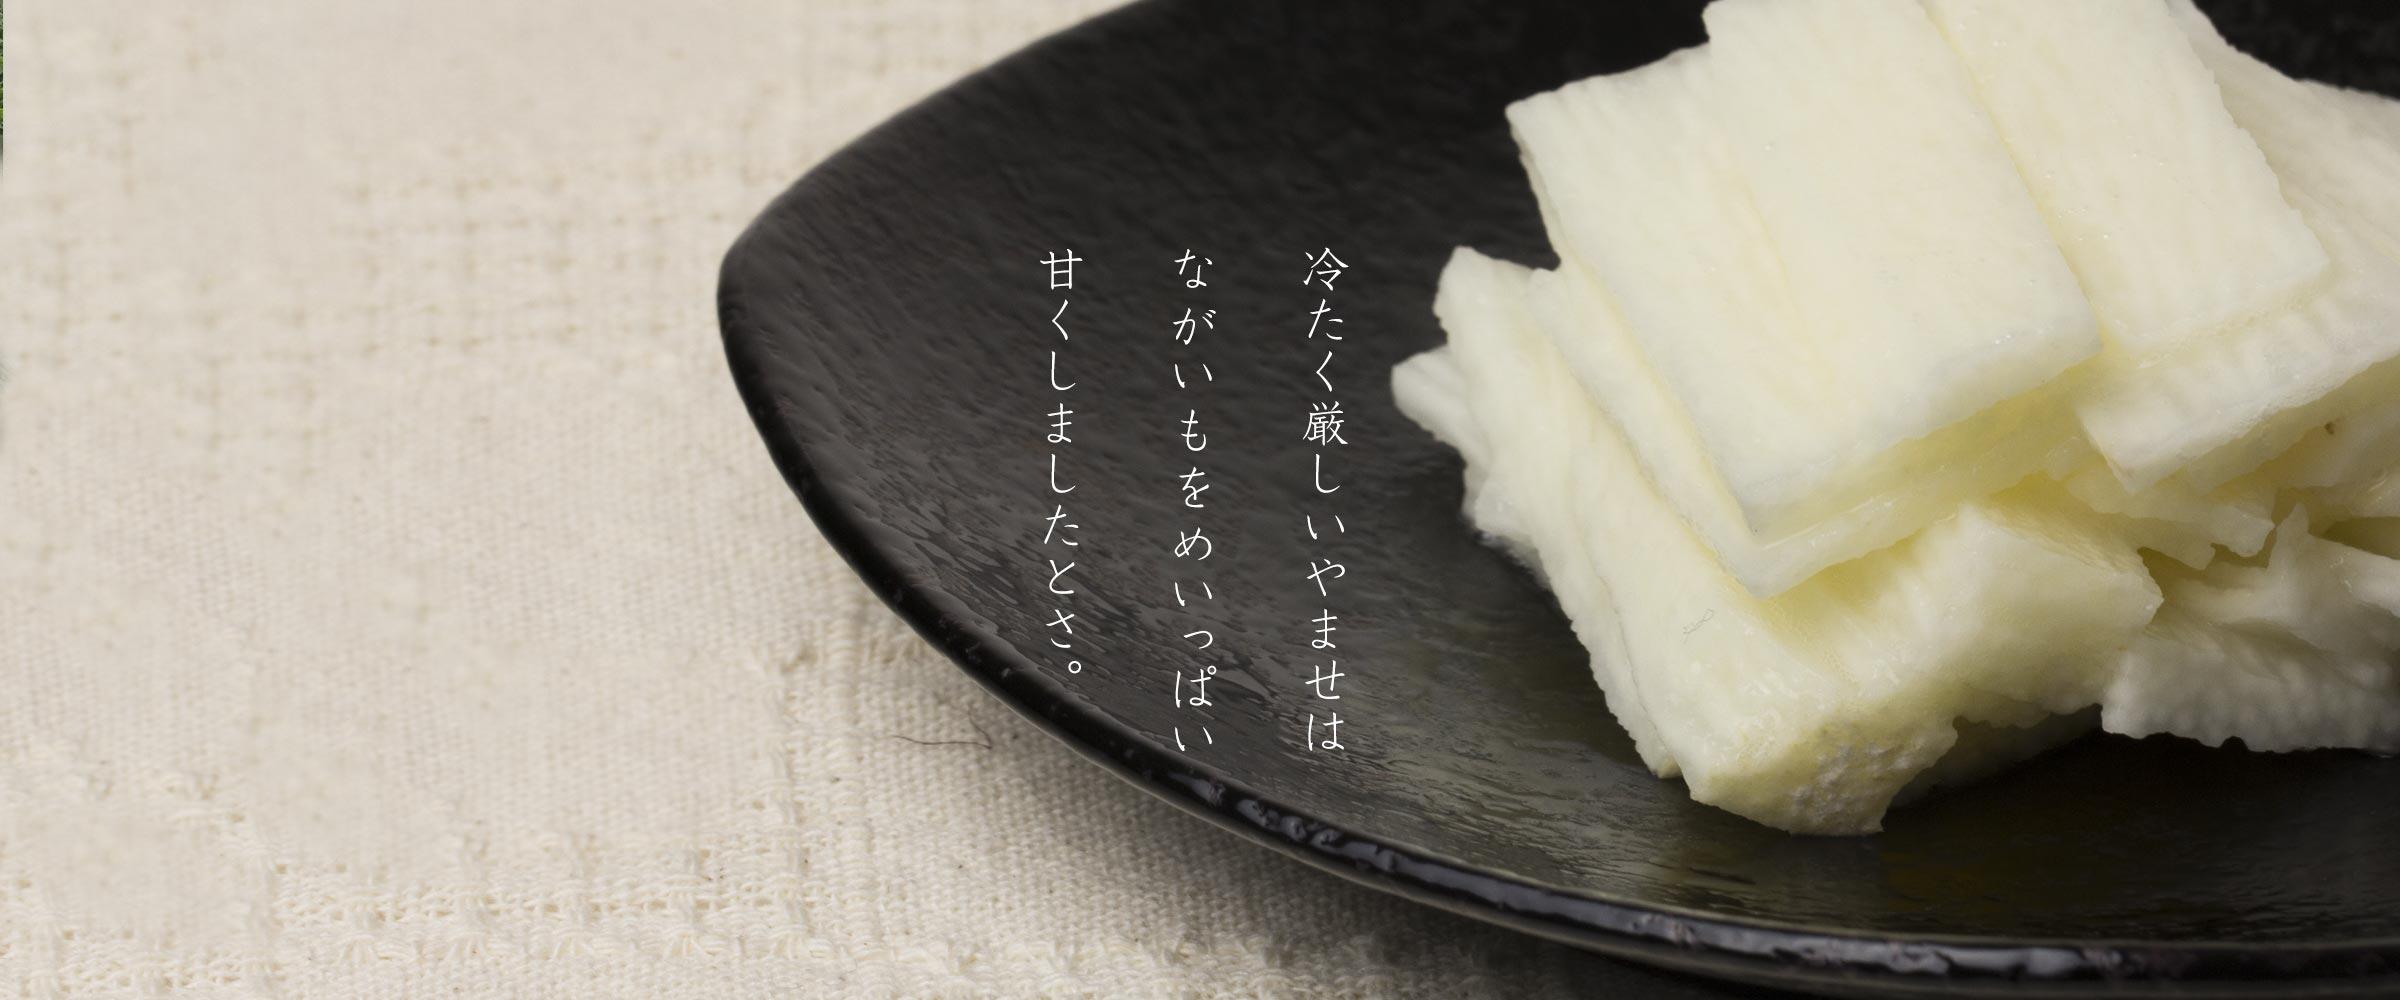 三沢市 長芋